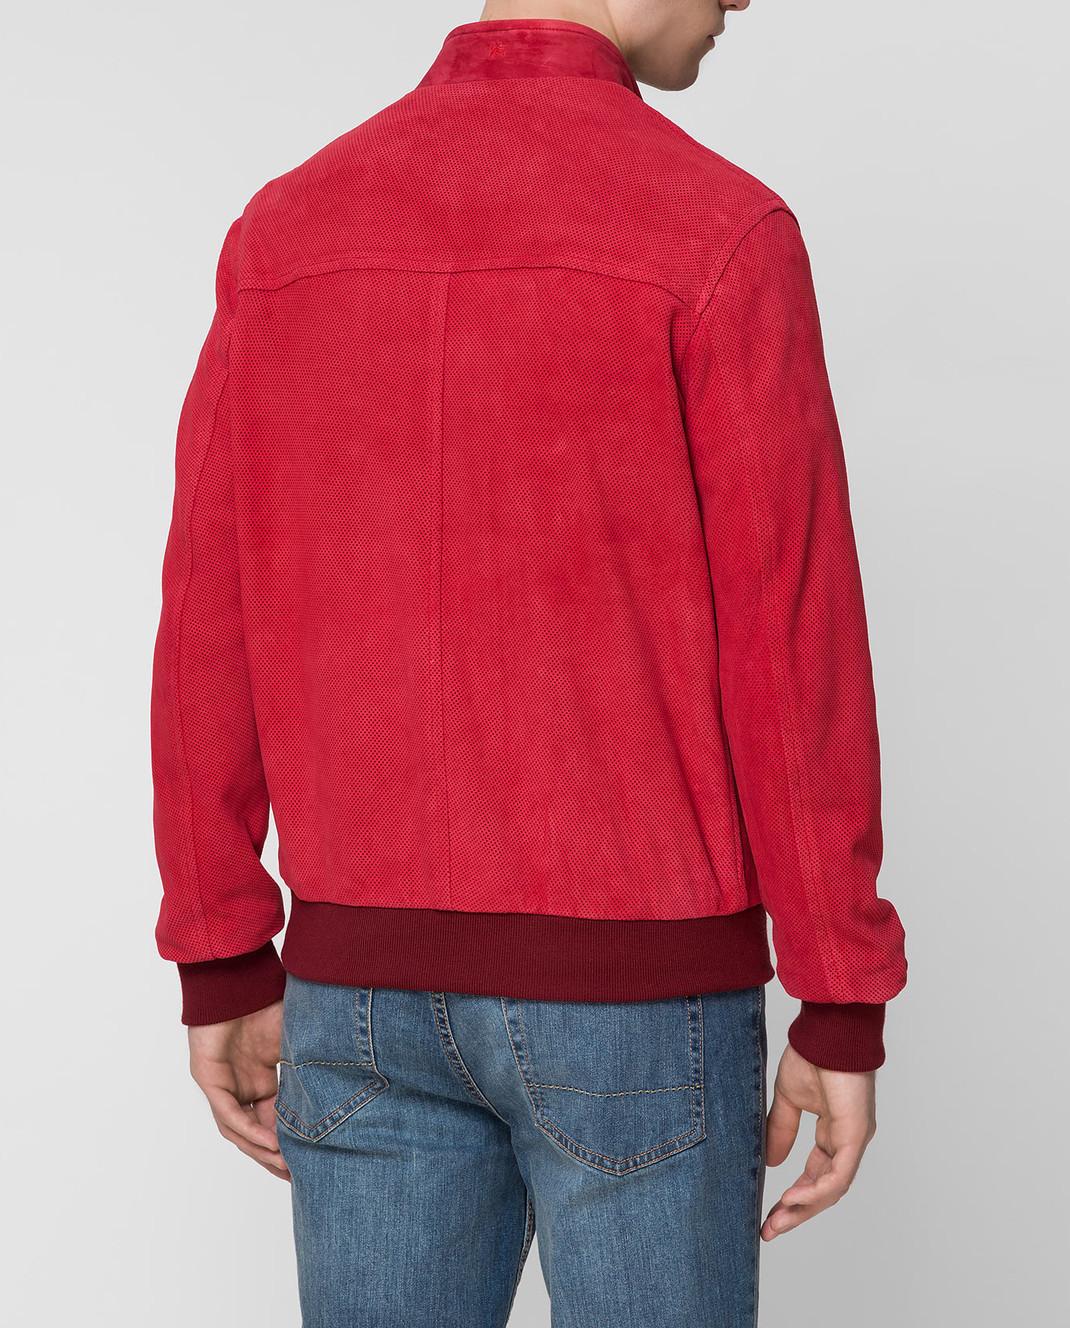 ISAIA Бордовая замшевая куртка LWT017PLW03 изображение 4